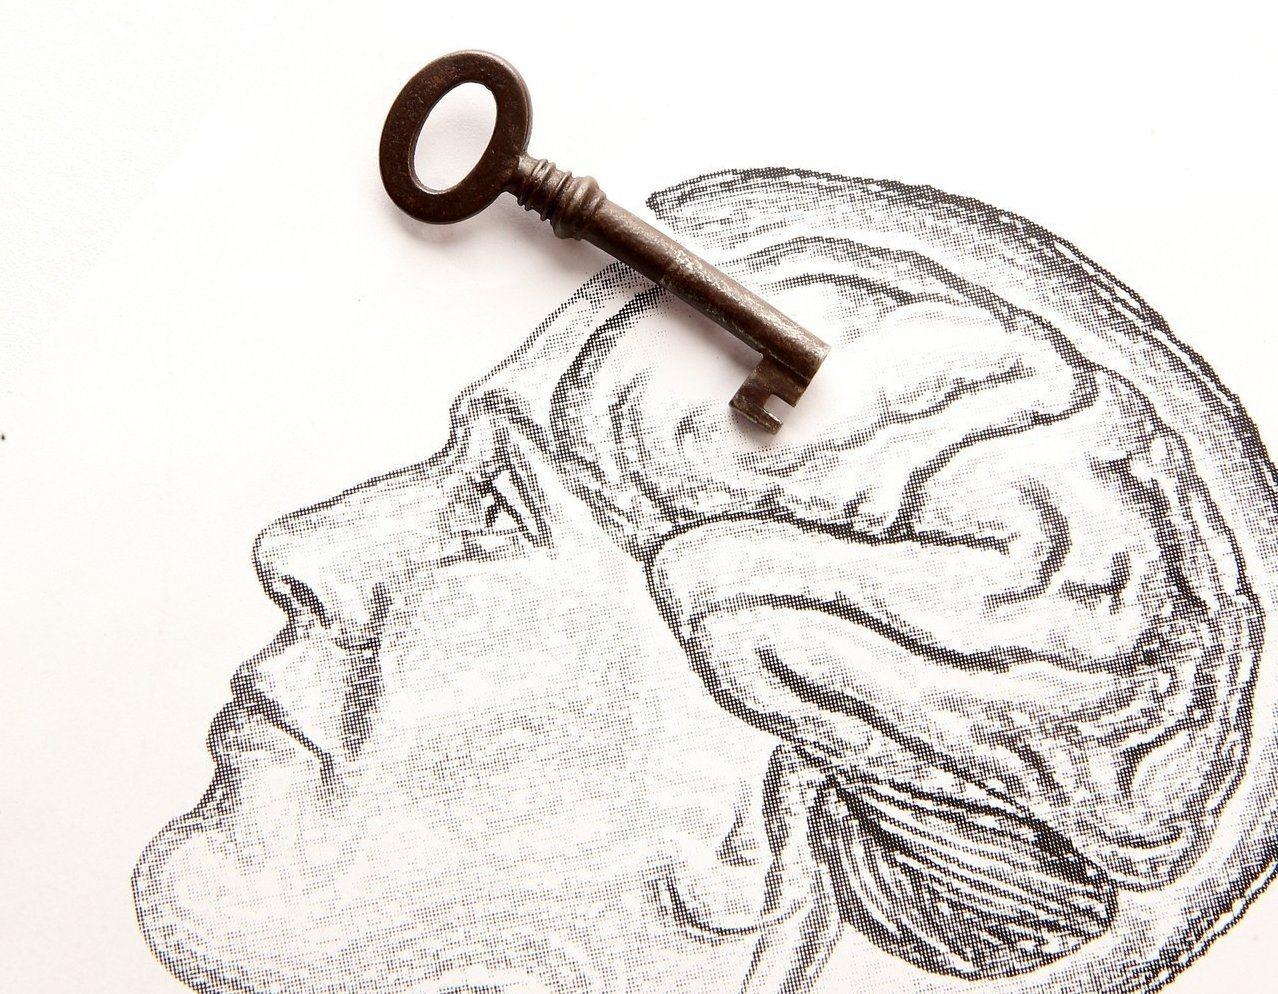 有研究證實,大腦多工不但影響記憶力,還可能影響智商。 圖/聯合報系資料照